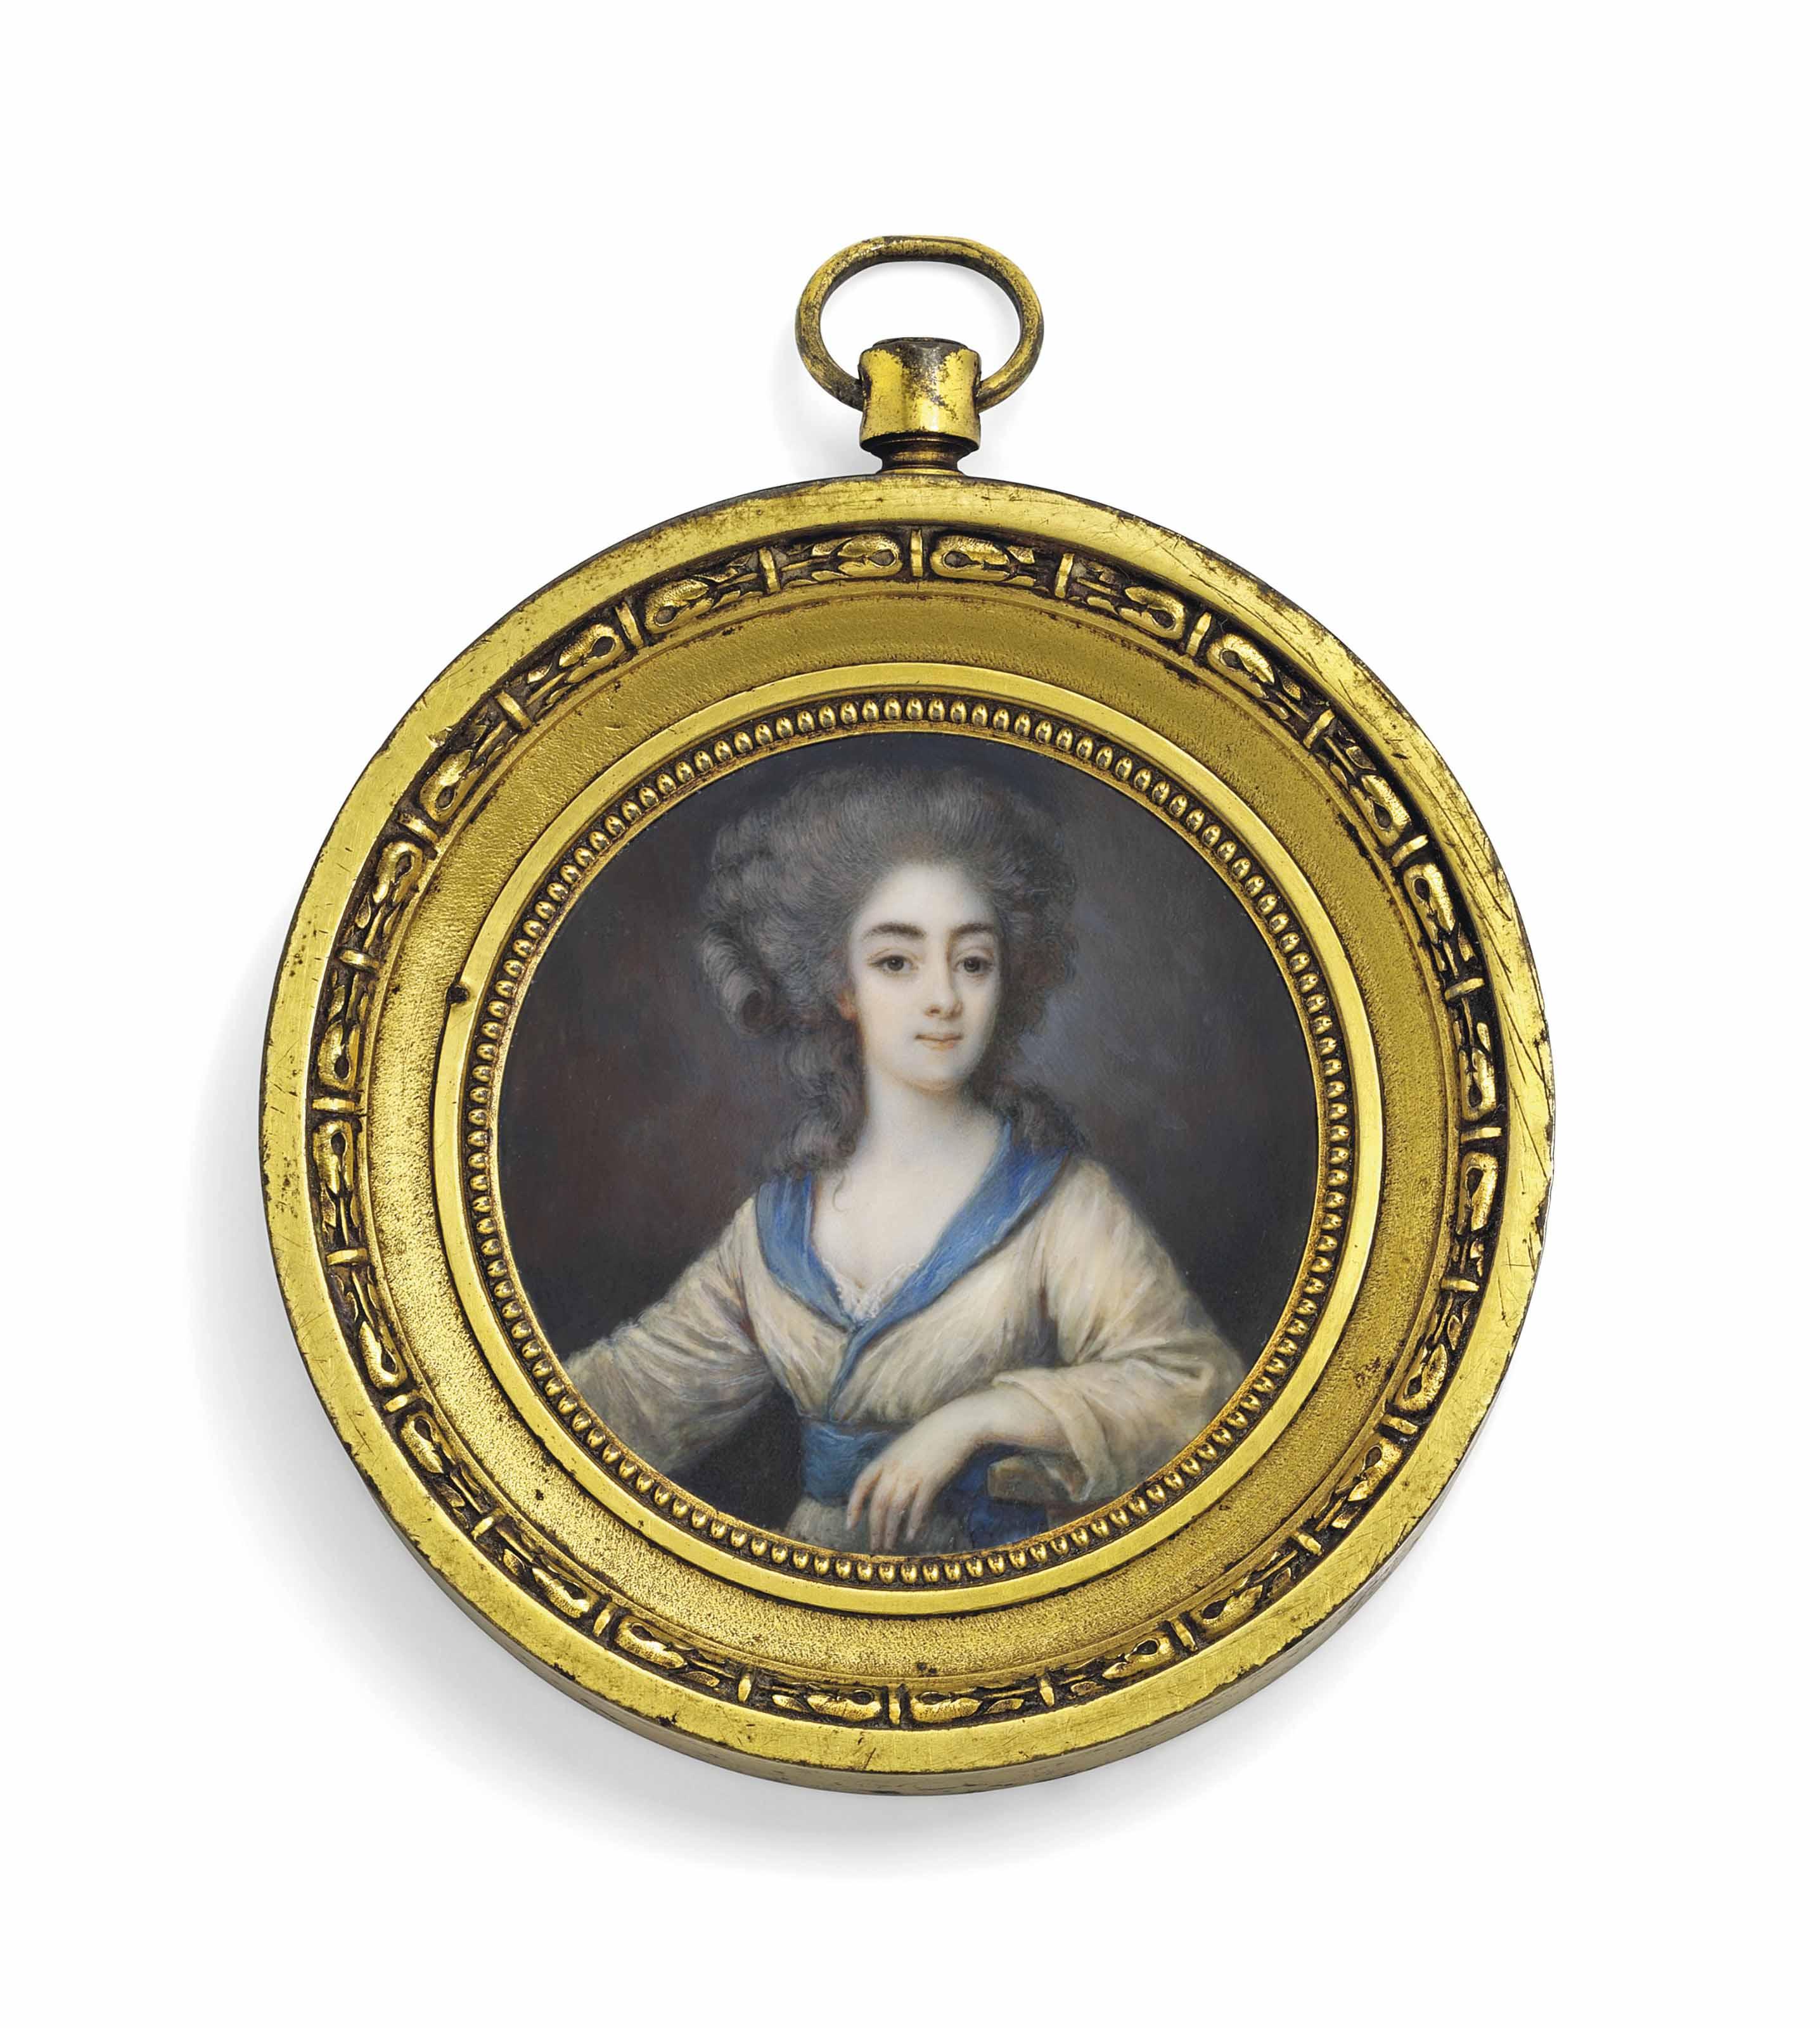 IGNAZIO-PIO-VITTORIANO CAMPANA (FRANCO-ITALIAN, 1744-1786)